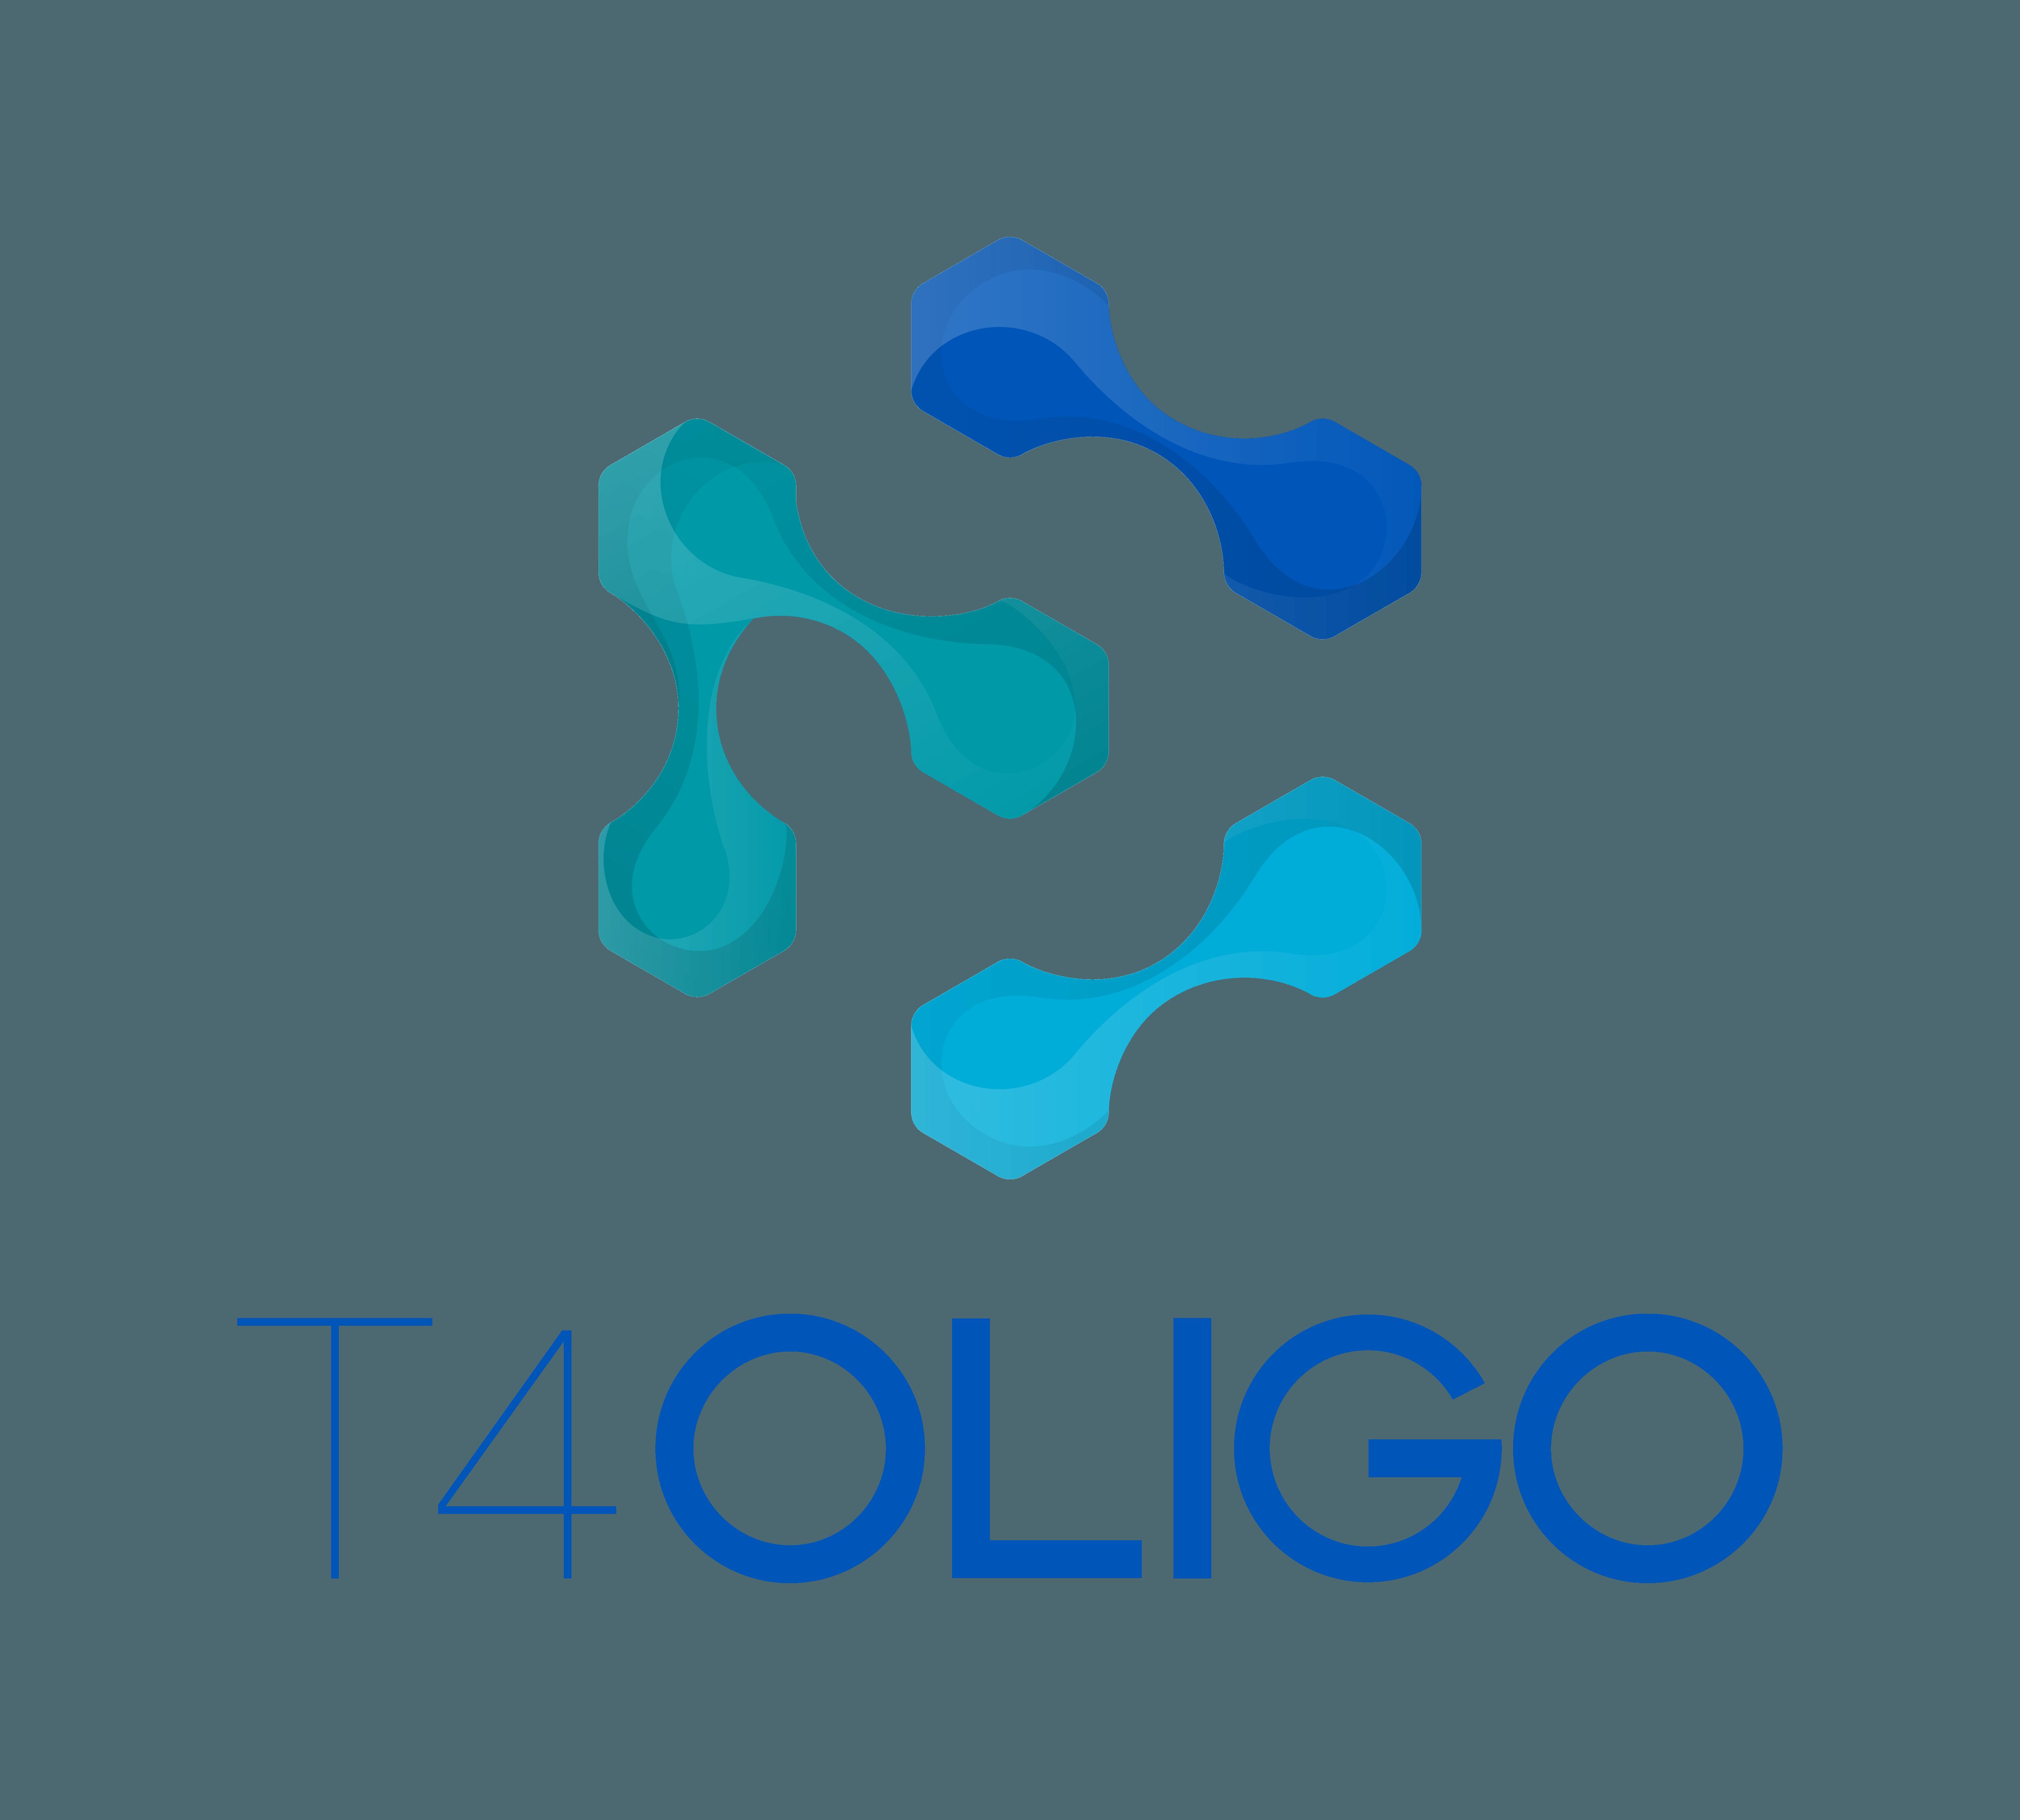 Logotipo T4Oligo